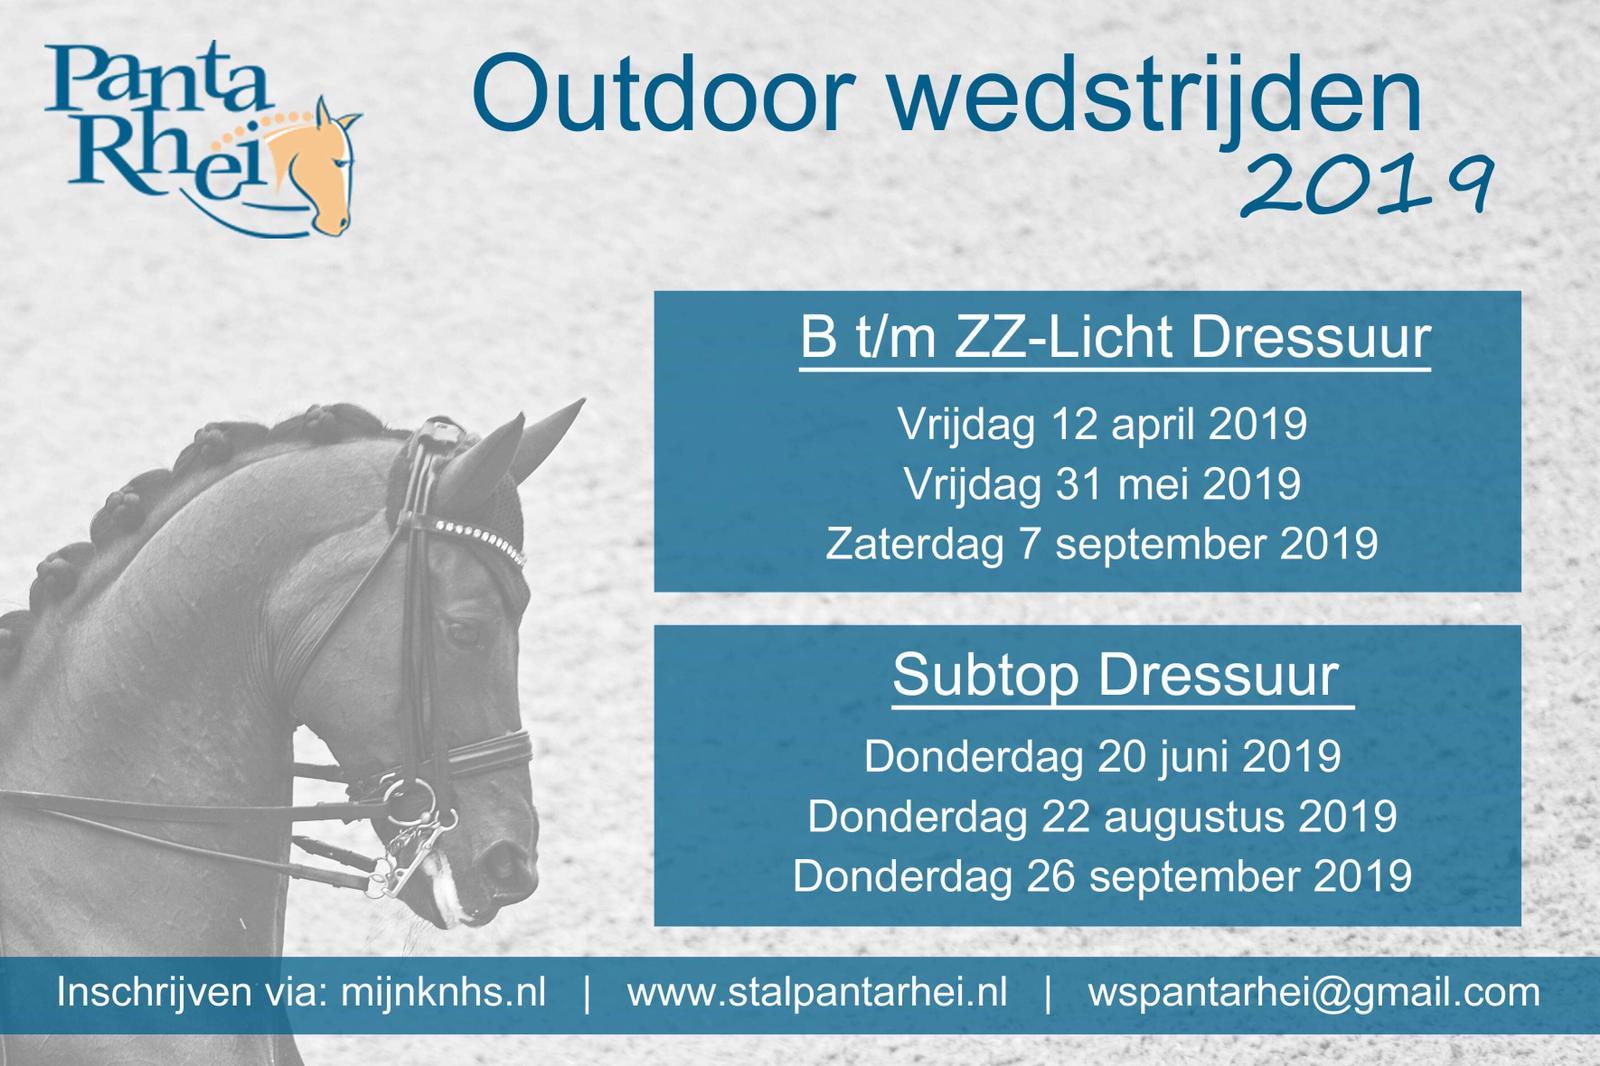 Outdoorwedstrijden Panta Rhei 2019